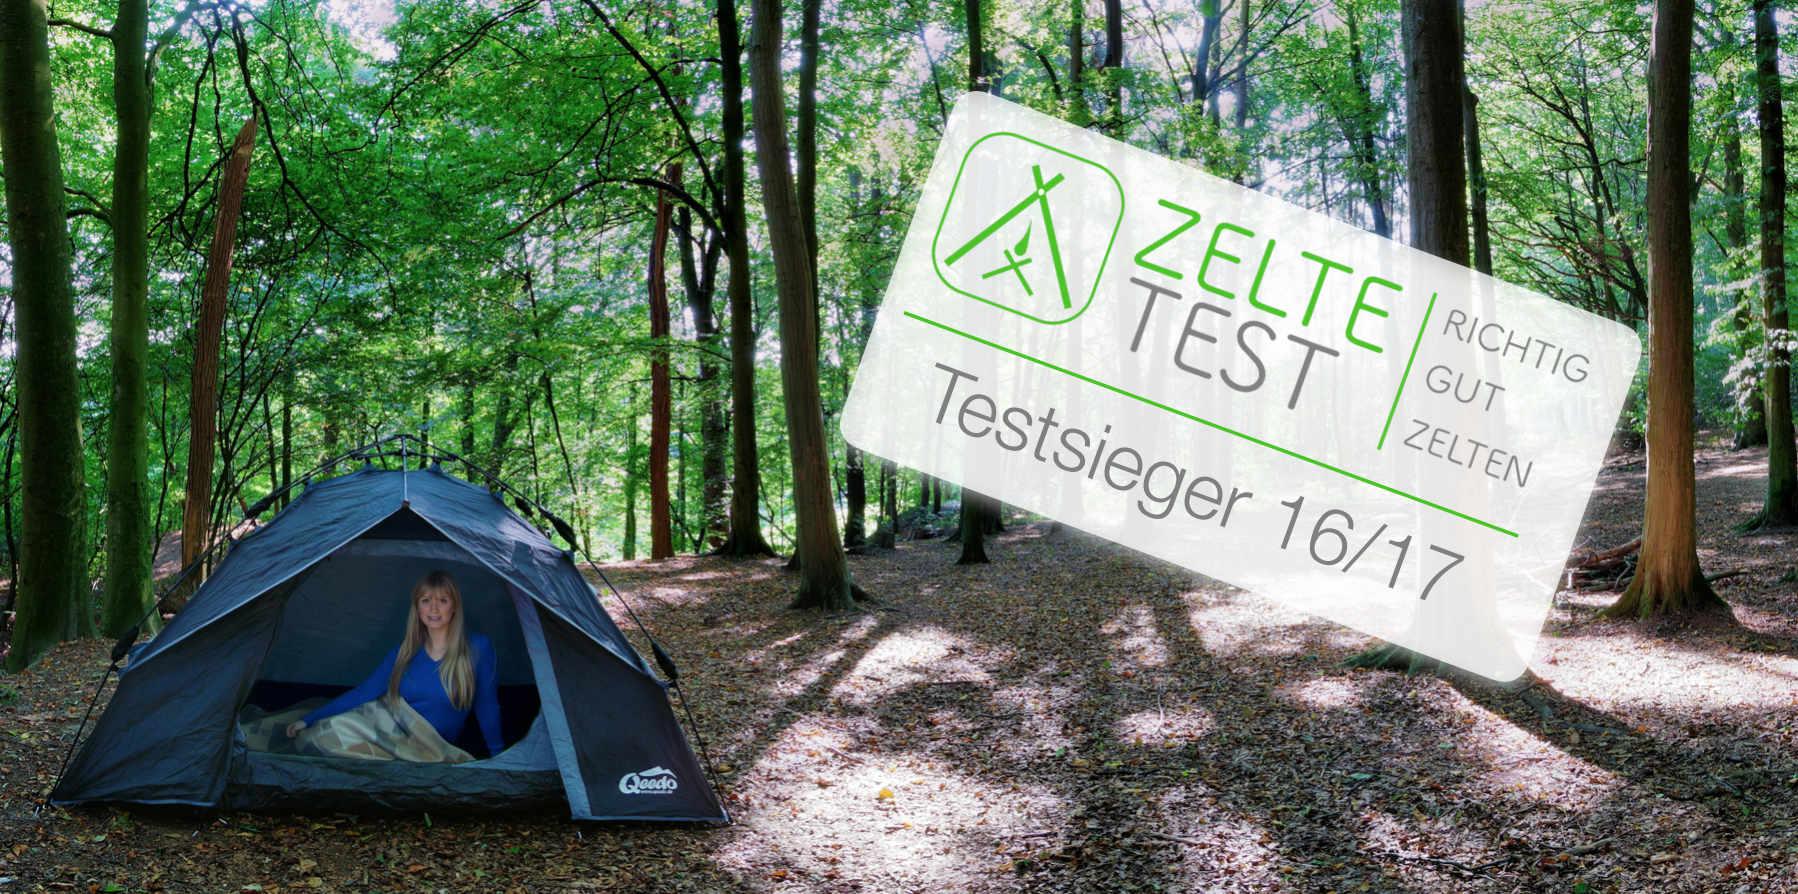 quick_ash-qeedo-kaufen-zelte-test-vergleich